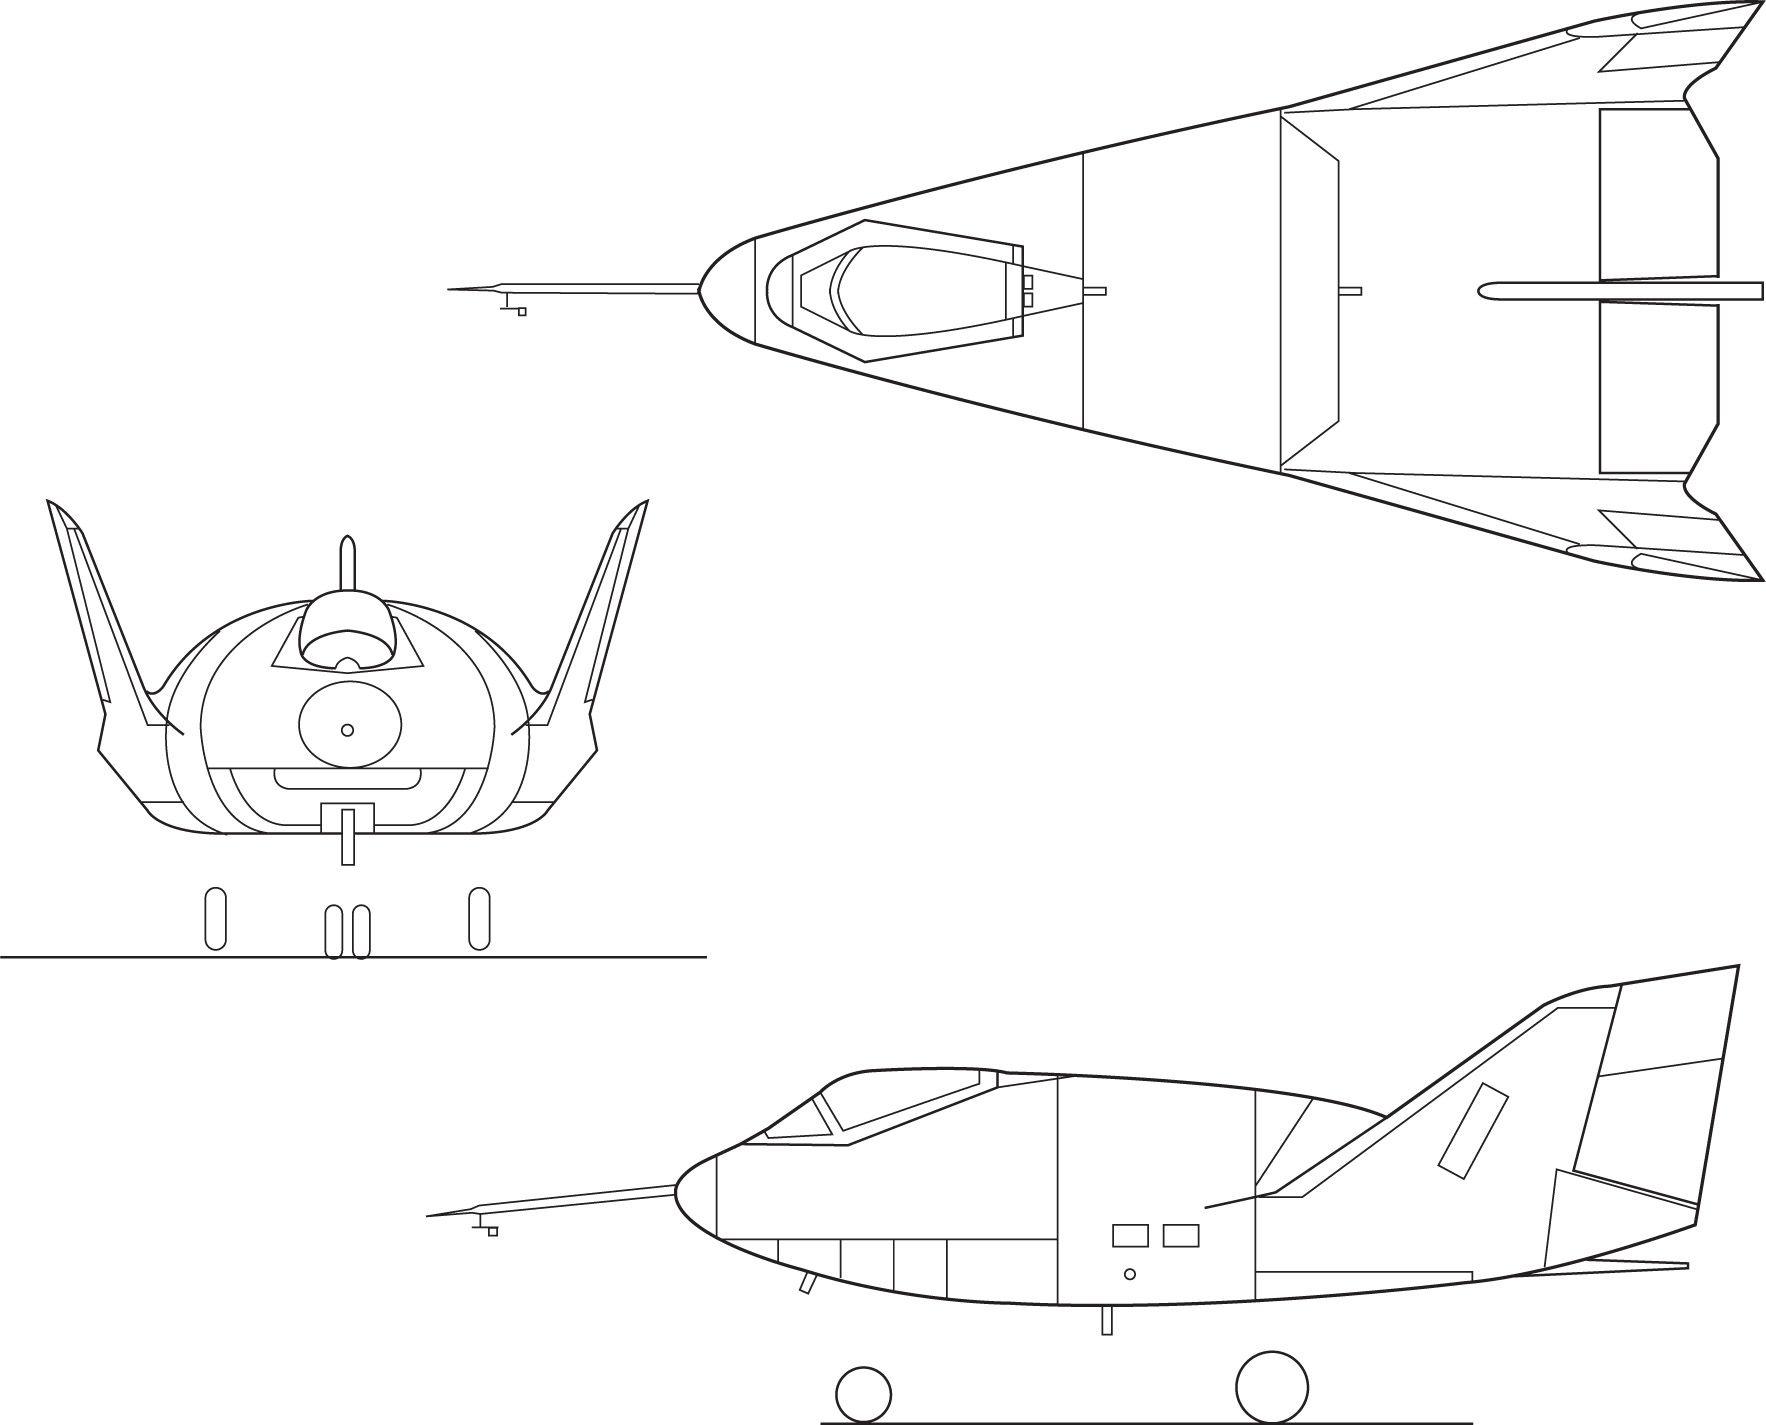 Pin By Joe Van On Lifting Body Aircraft